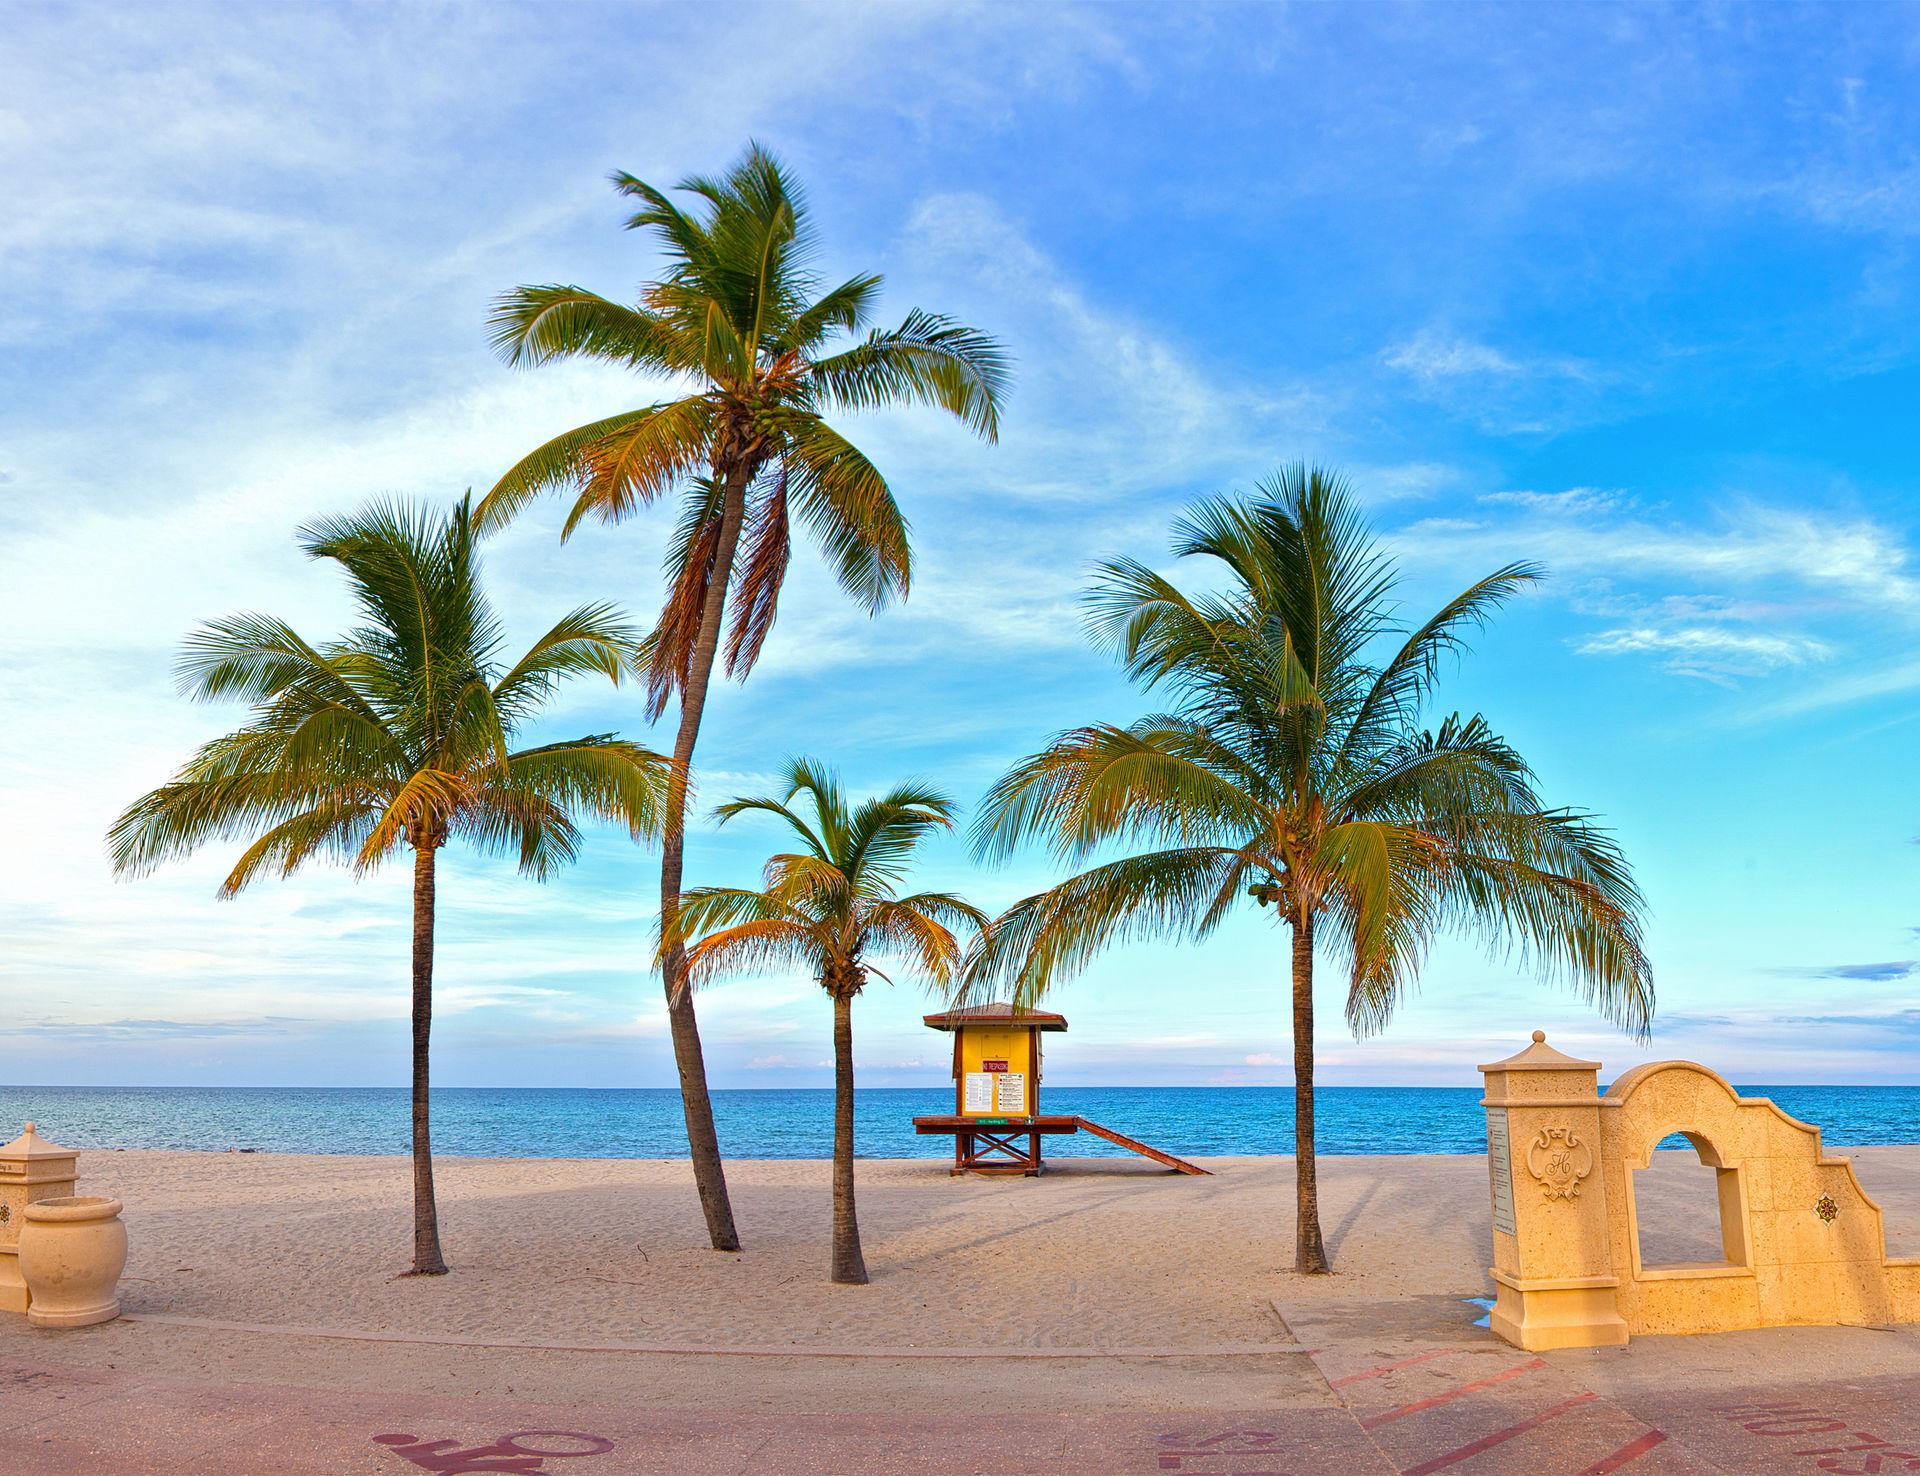 Combiné miami 3* et croisière bahamas